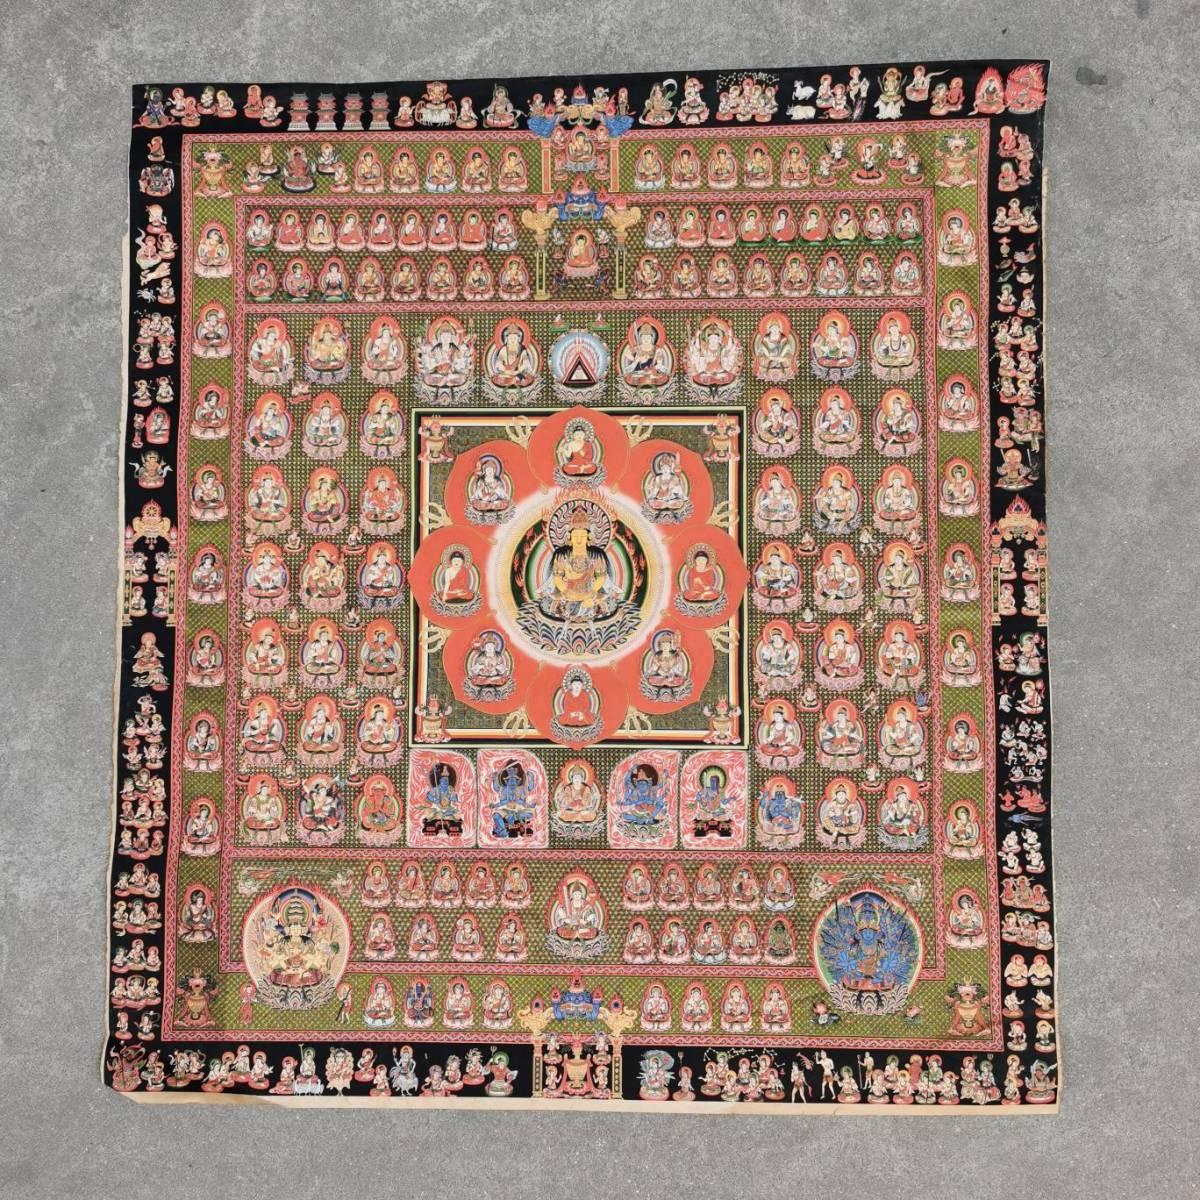 胎蔵界 曼荼羅 曼陀羅 マンダラ チベットタントリック タンカ 特別配布 印刷画  チベット仏像 大判 タンカ インテリア 装飾_画像2